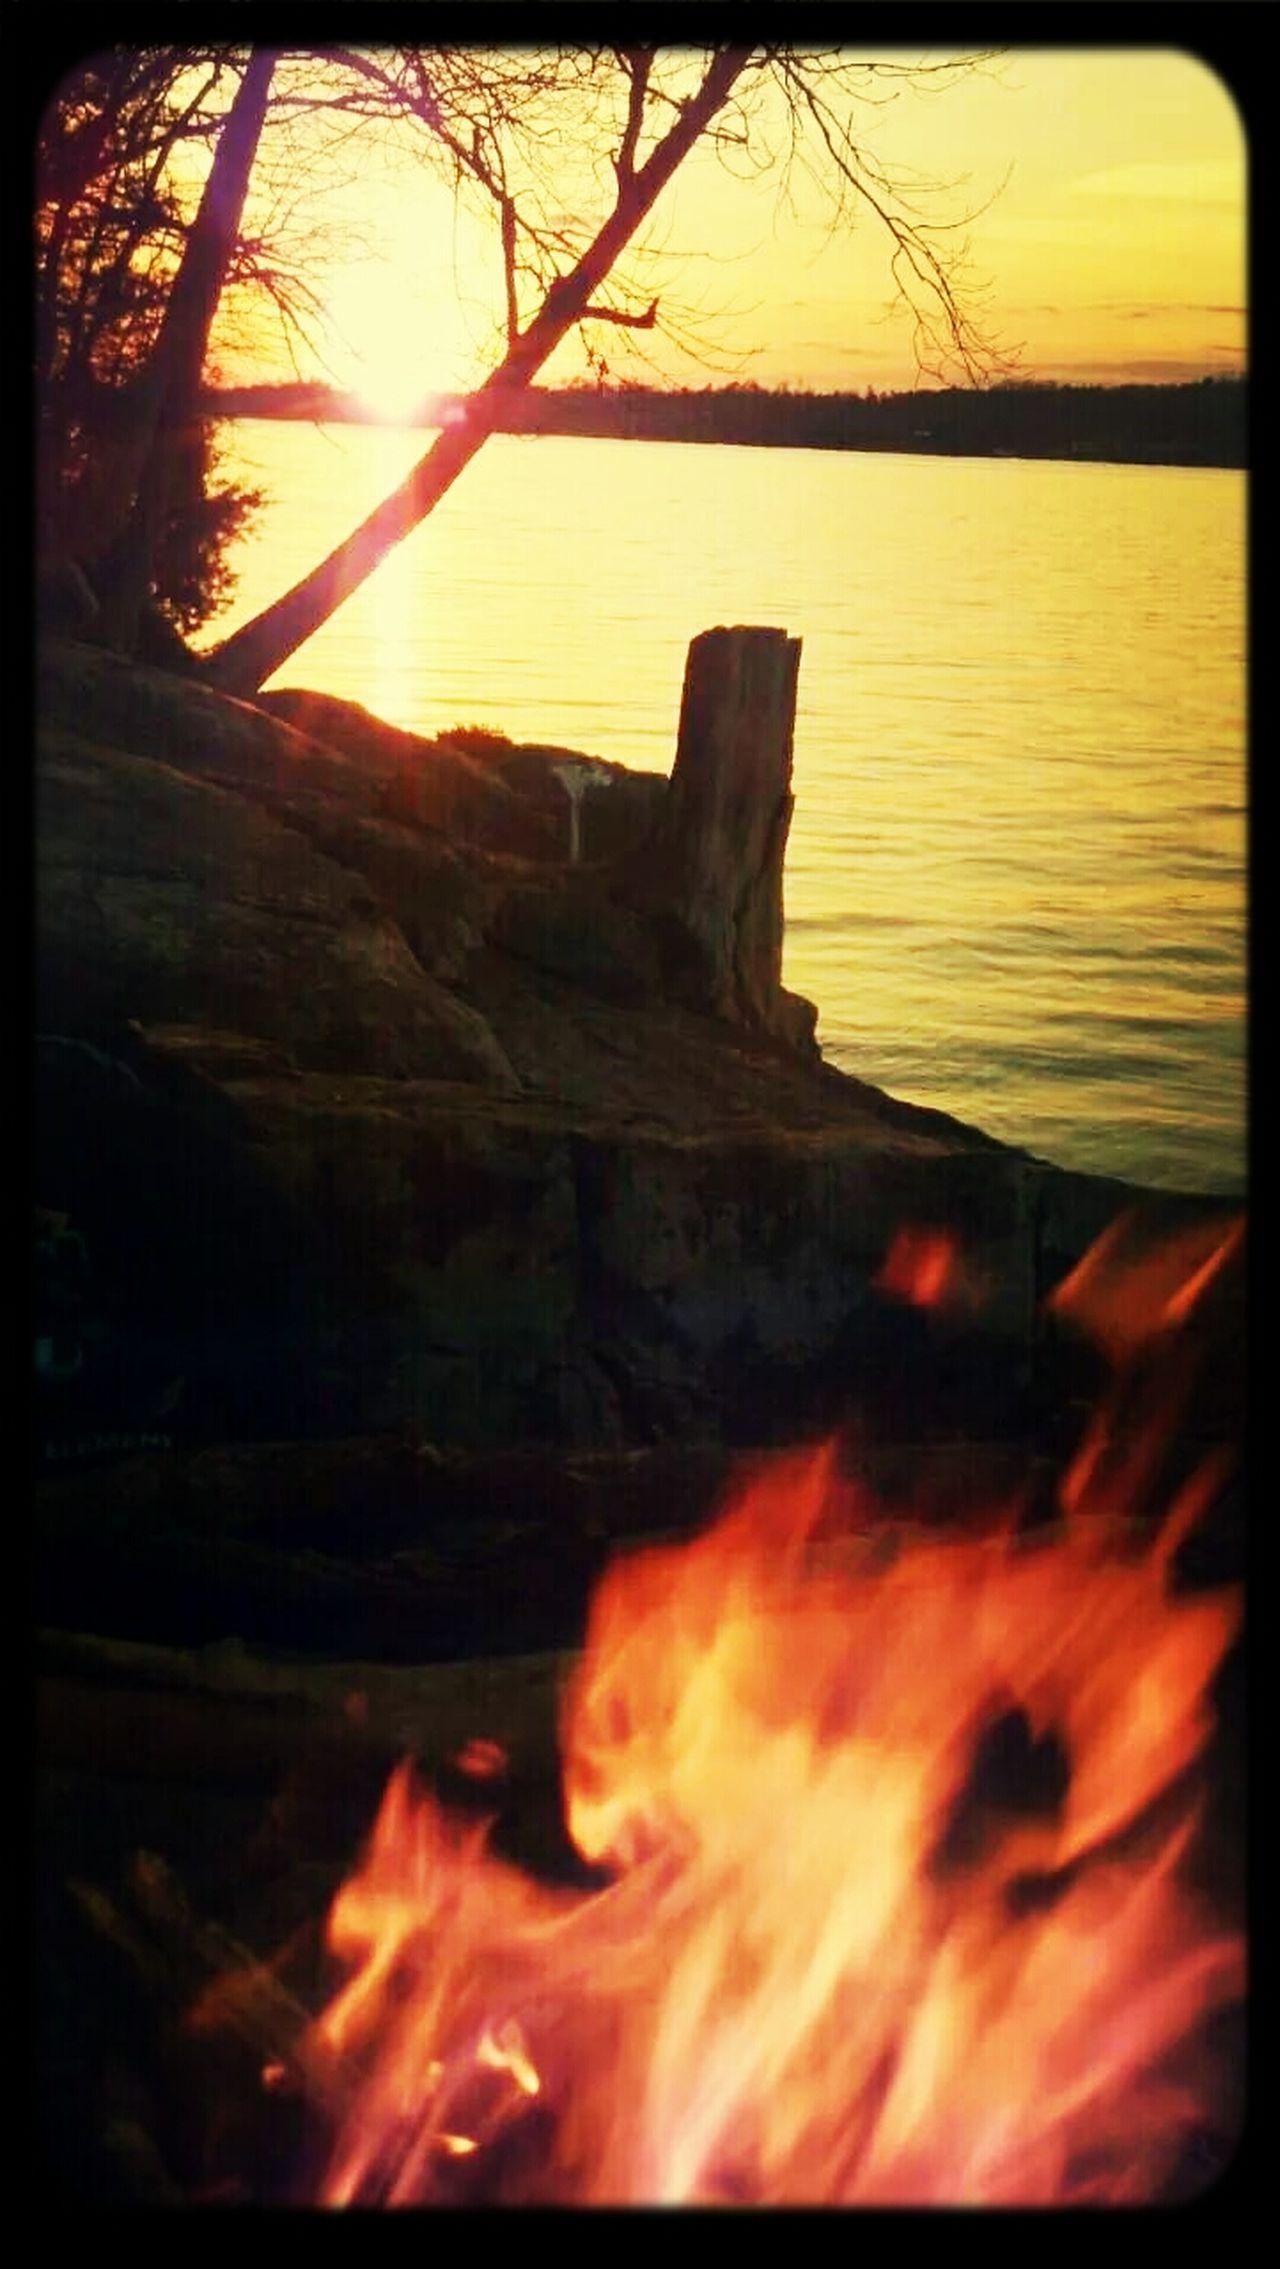 Sunset Relaxing Bonfire